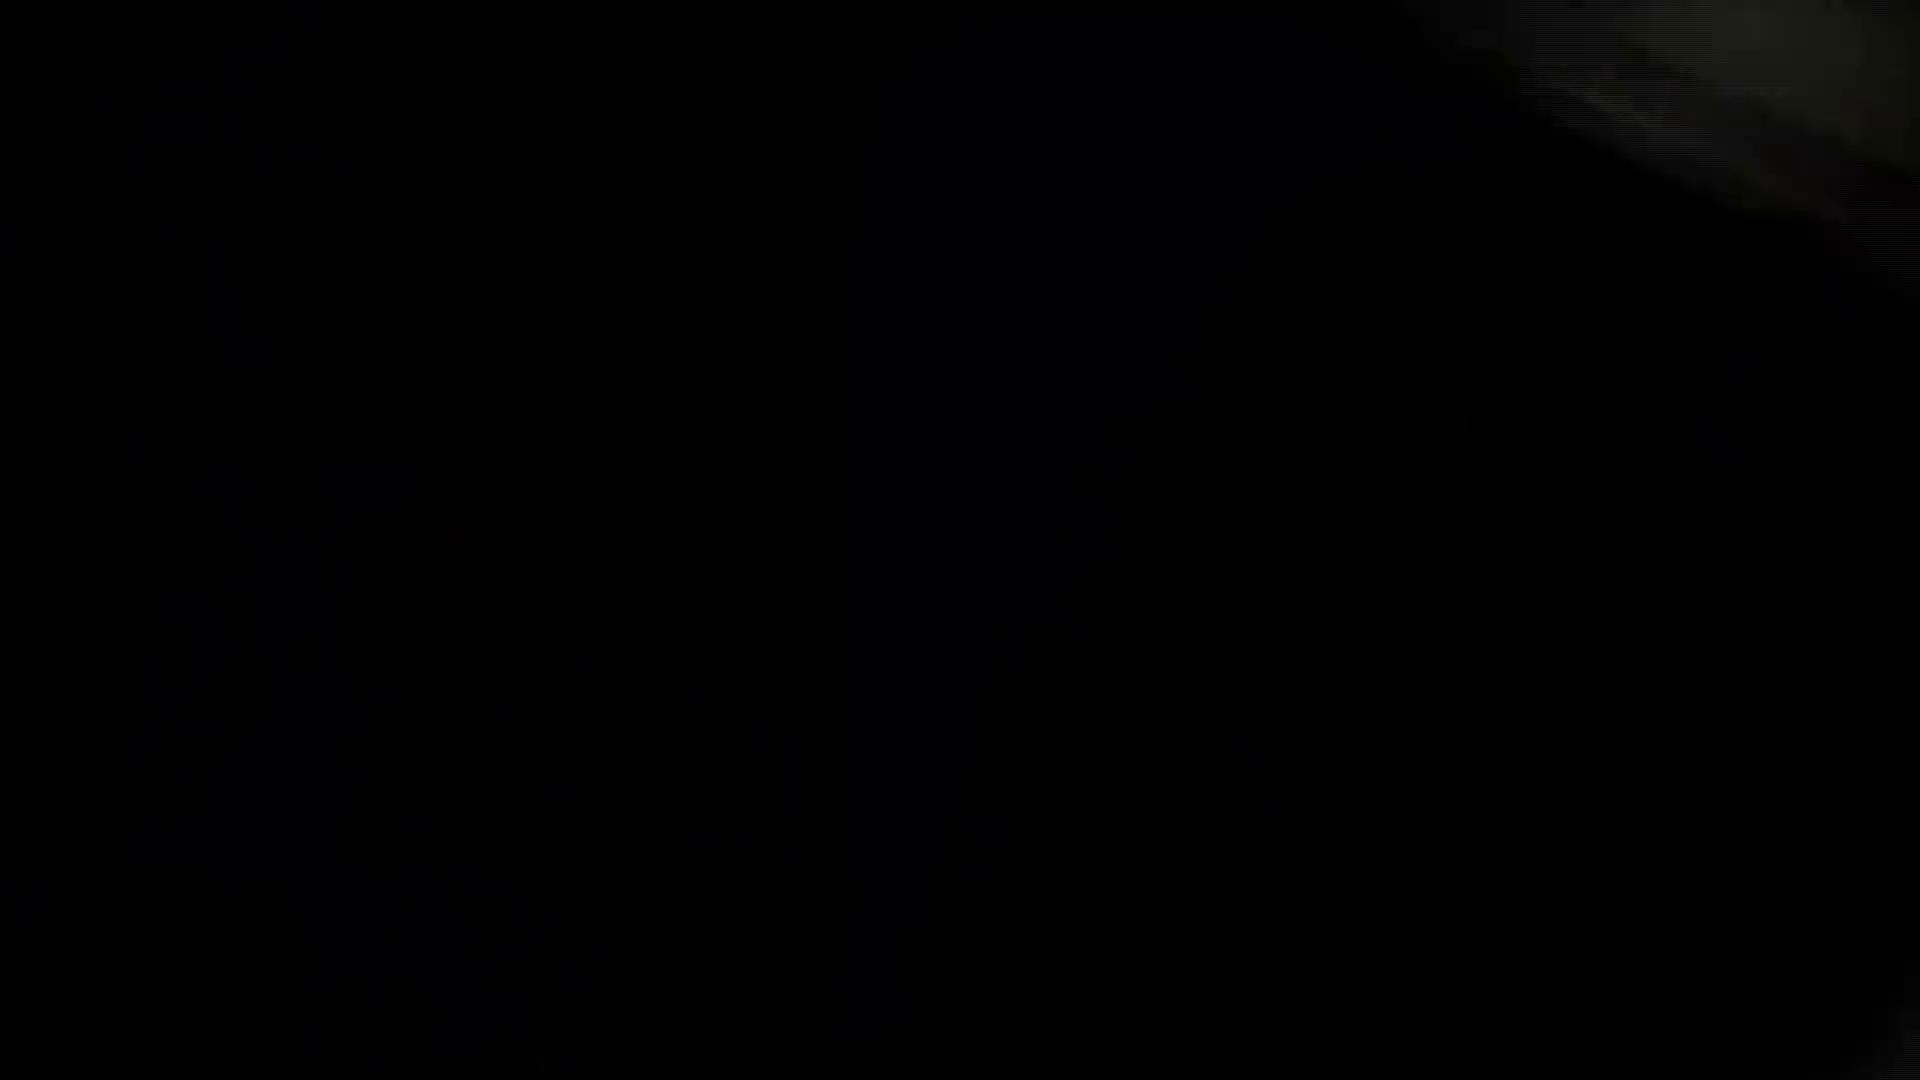 巨乳おまんこ:ステーション編 vol47 珍しい、毛からしたってくる聖水:怪盗ジョーカー